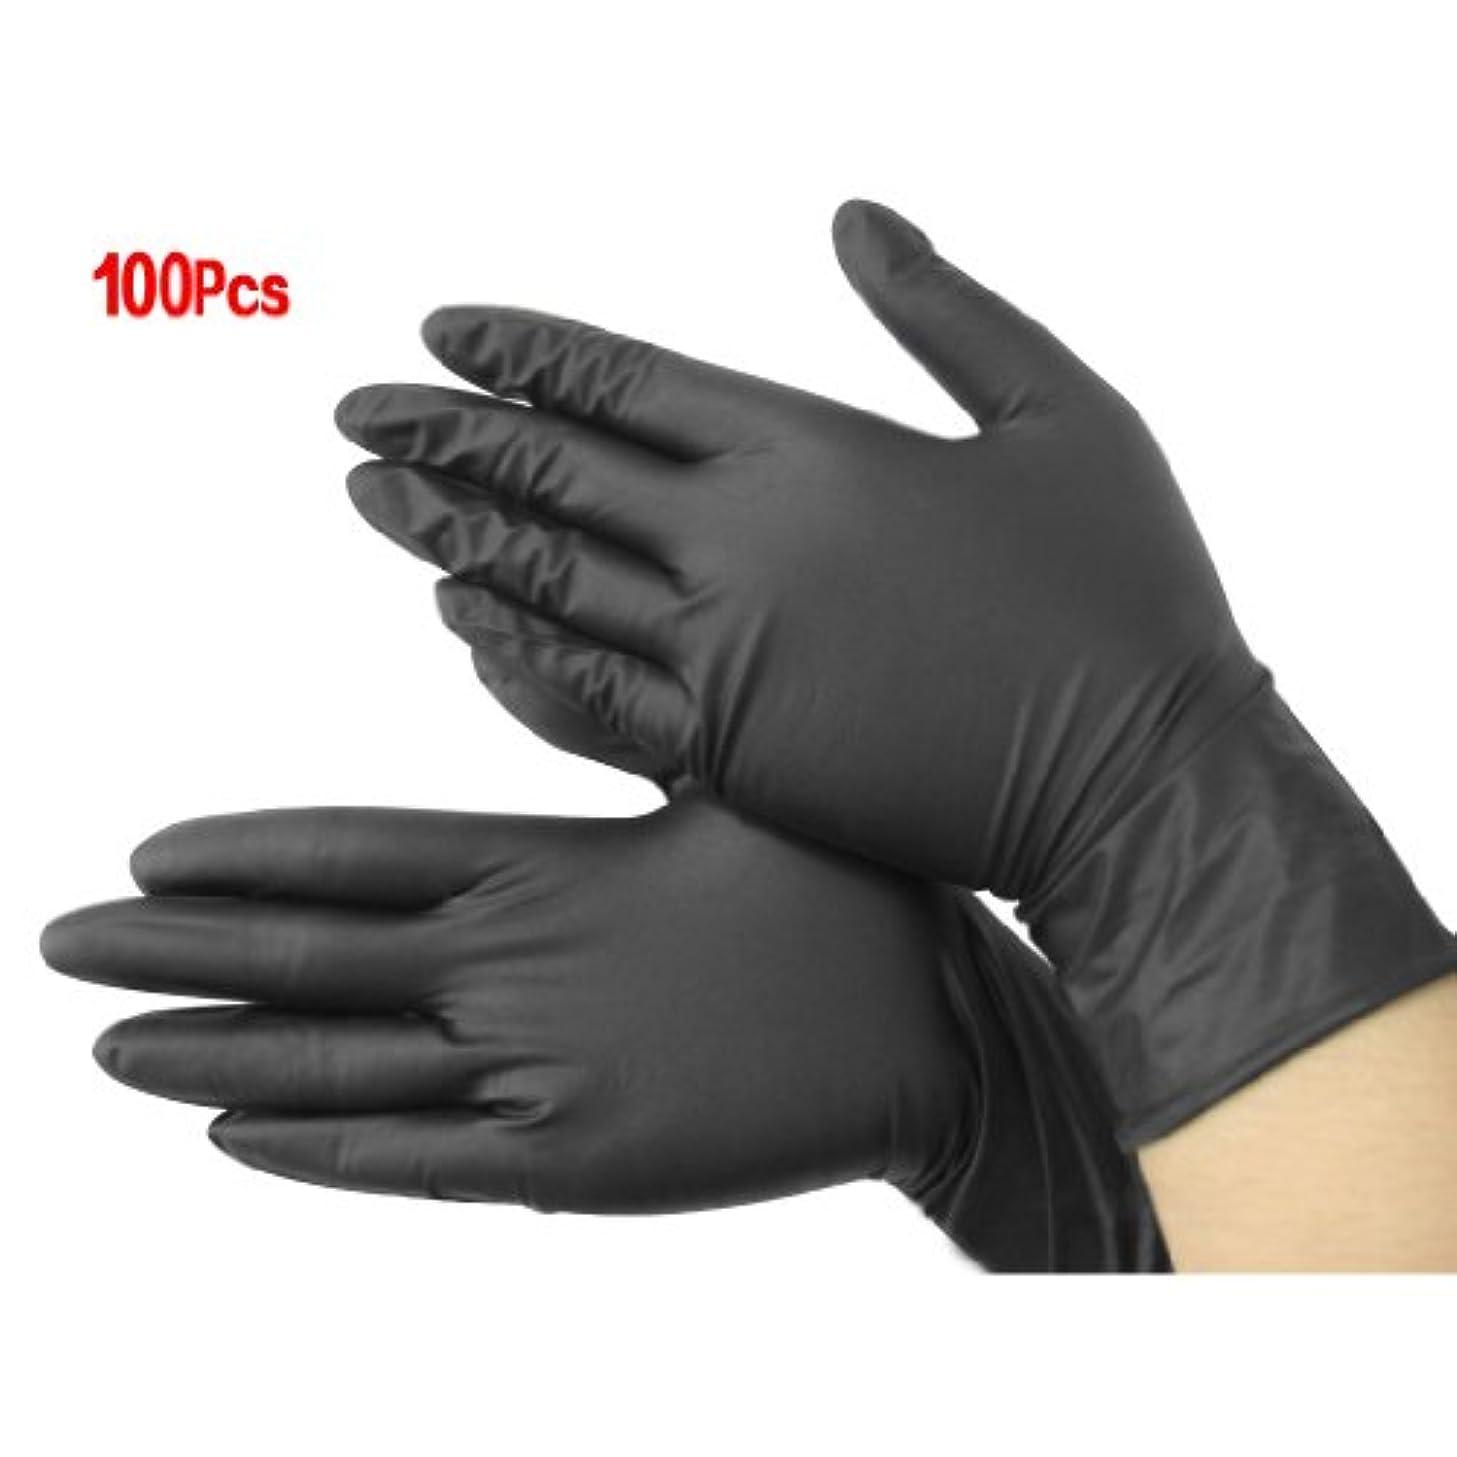 裁定貼り直す生産的手袋,SODIAL(R)黒いニトリル使い捨てクール手袋 パワーフリーX100 - 入れ墨 - メカニック 新しい